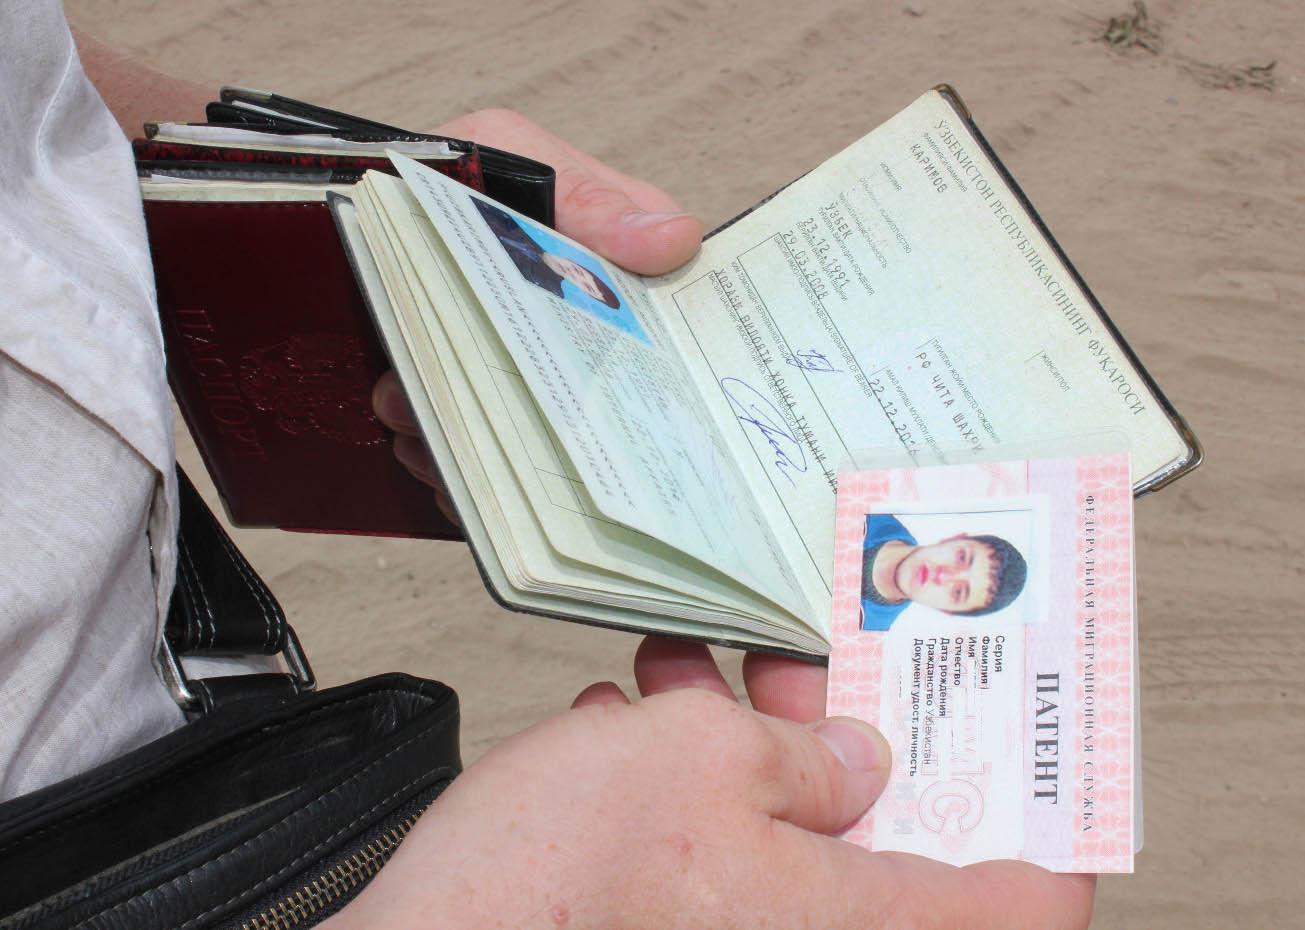 Код паспорта иностранного гражданина для налоговой